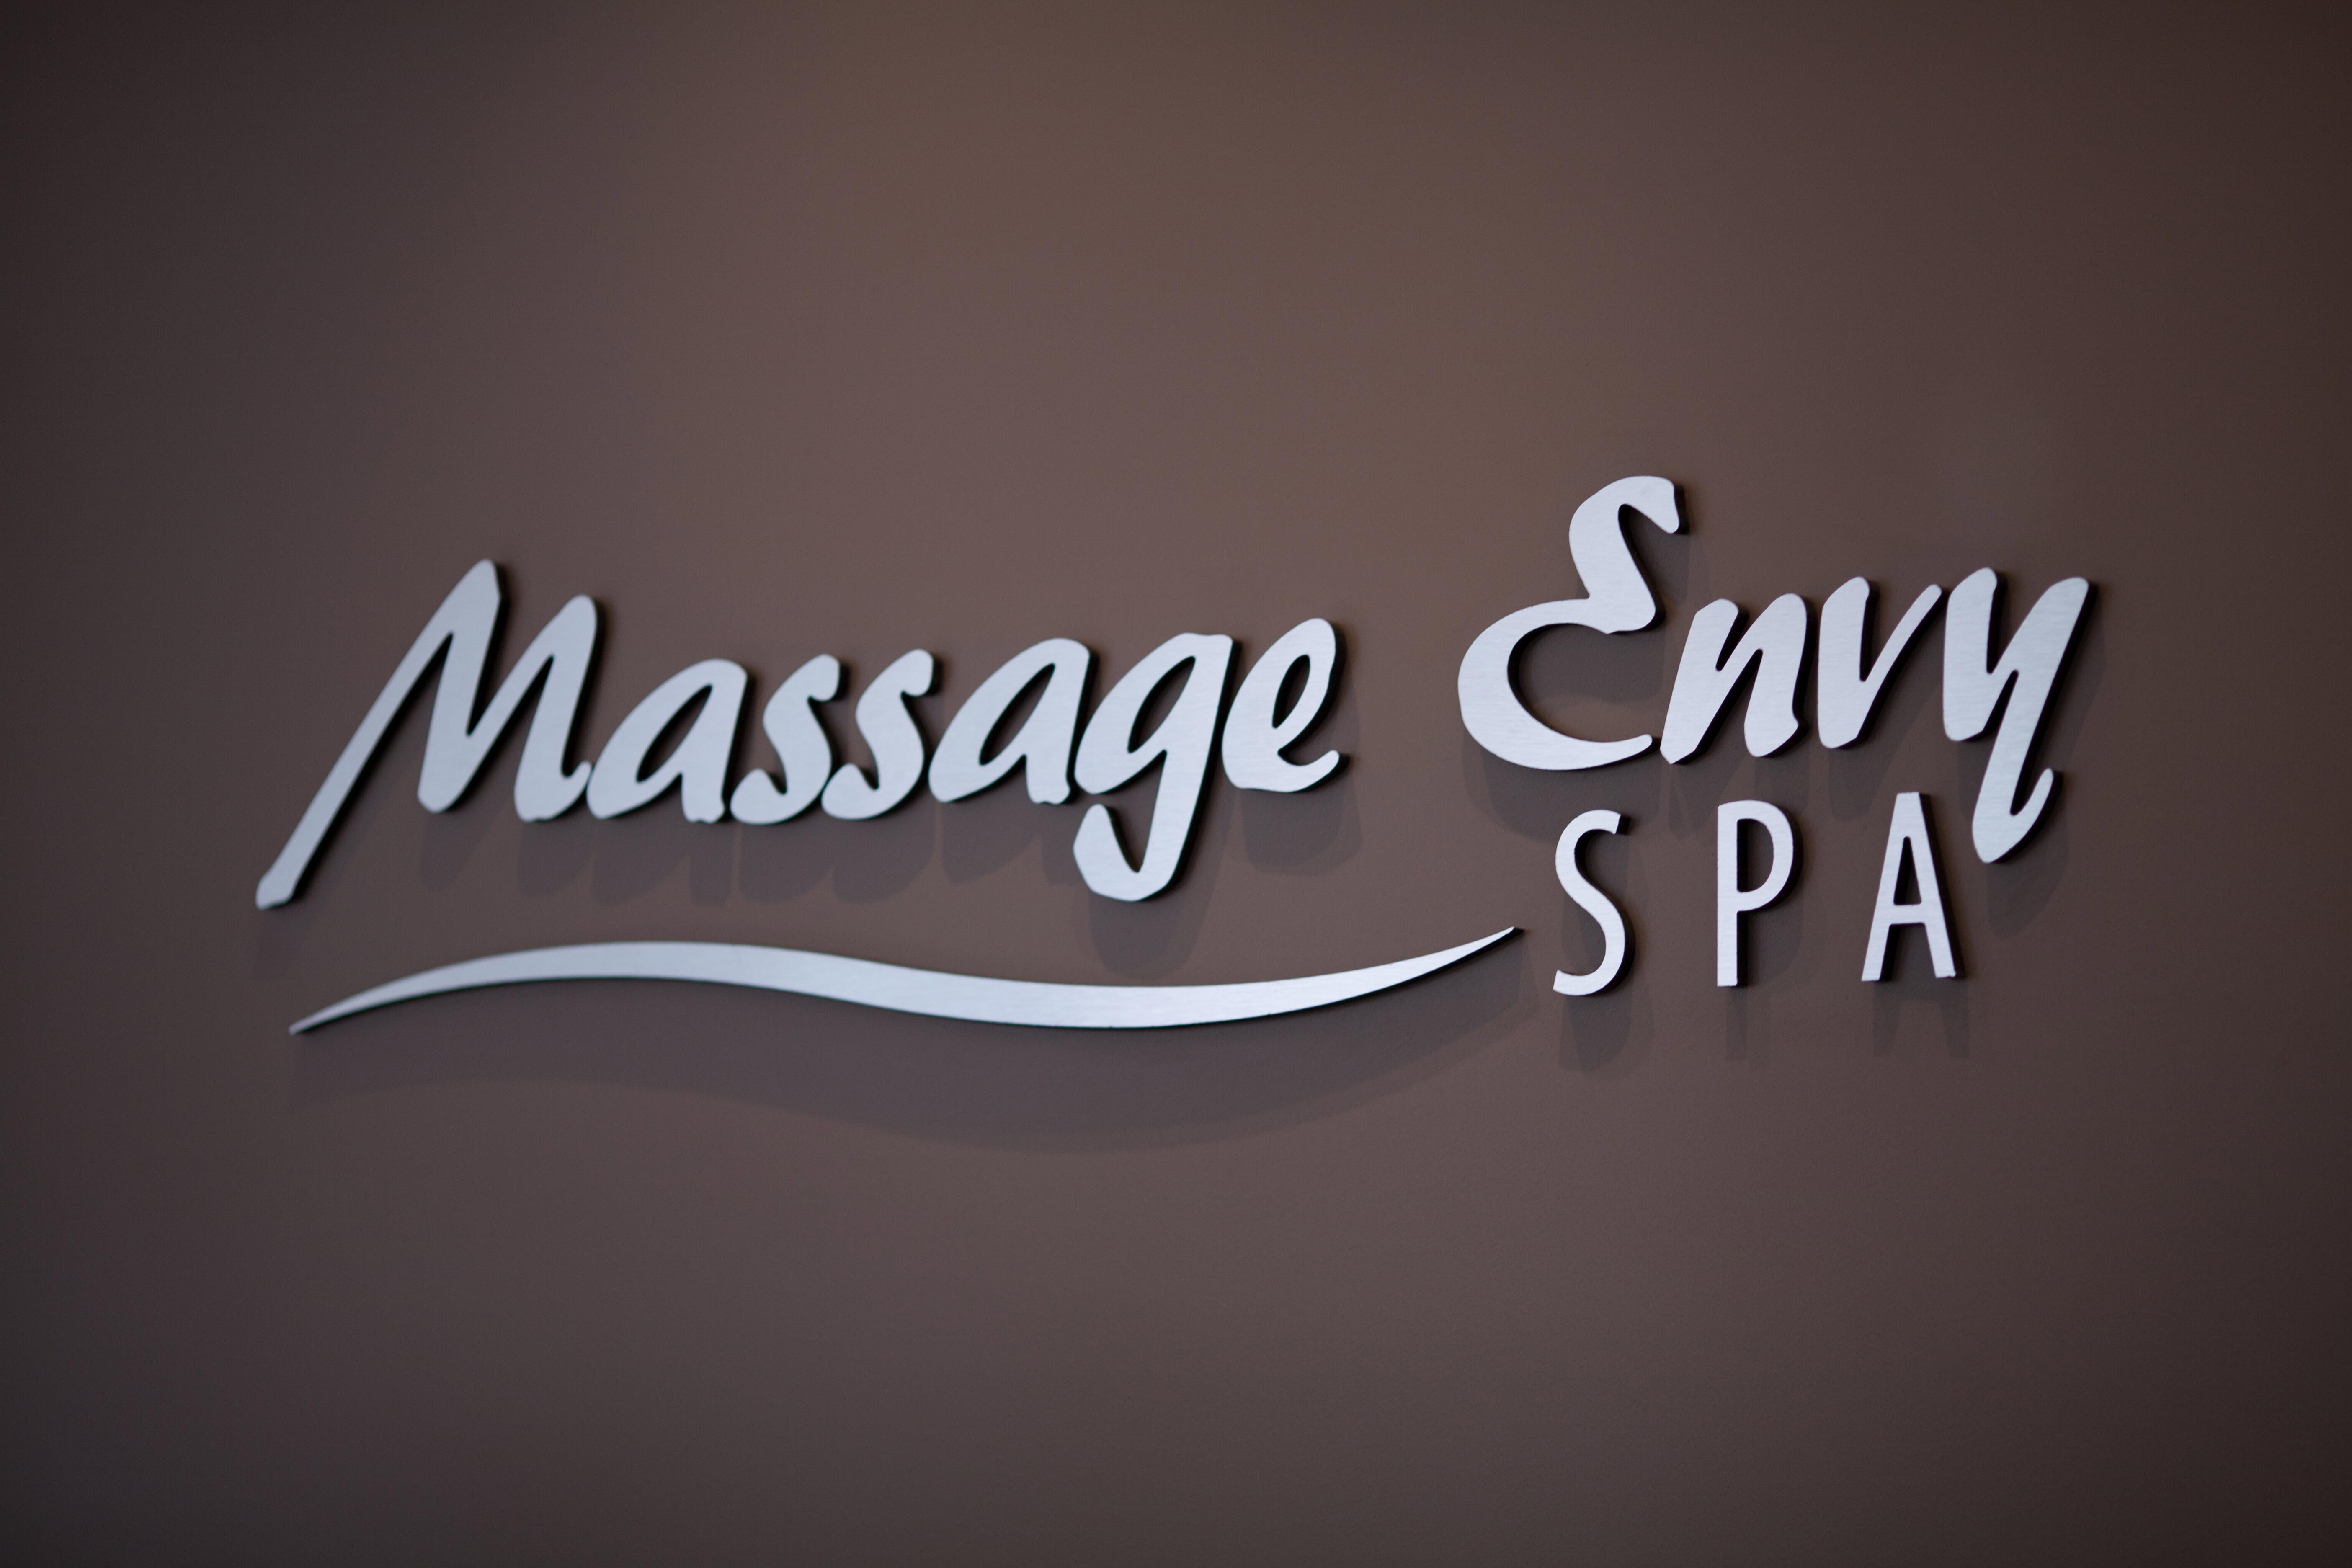 Massage Envy Spa - Greece - NY